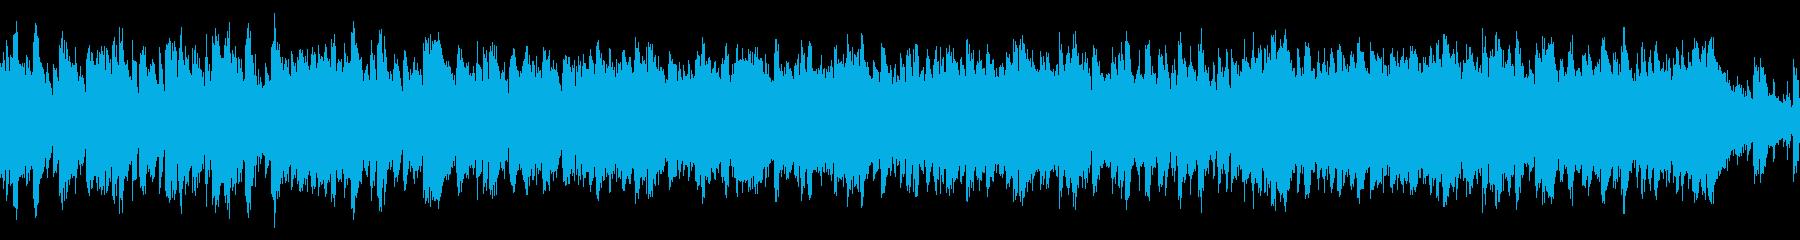 戦闘BGM ループ RPG バイオリンの再生済みの波形